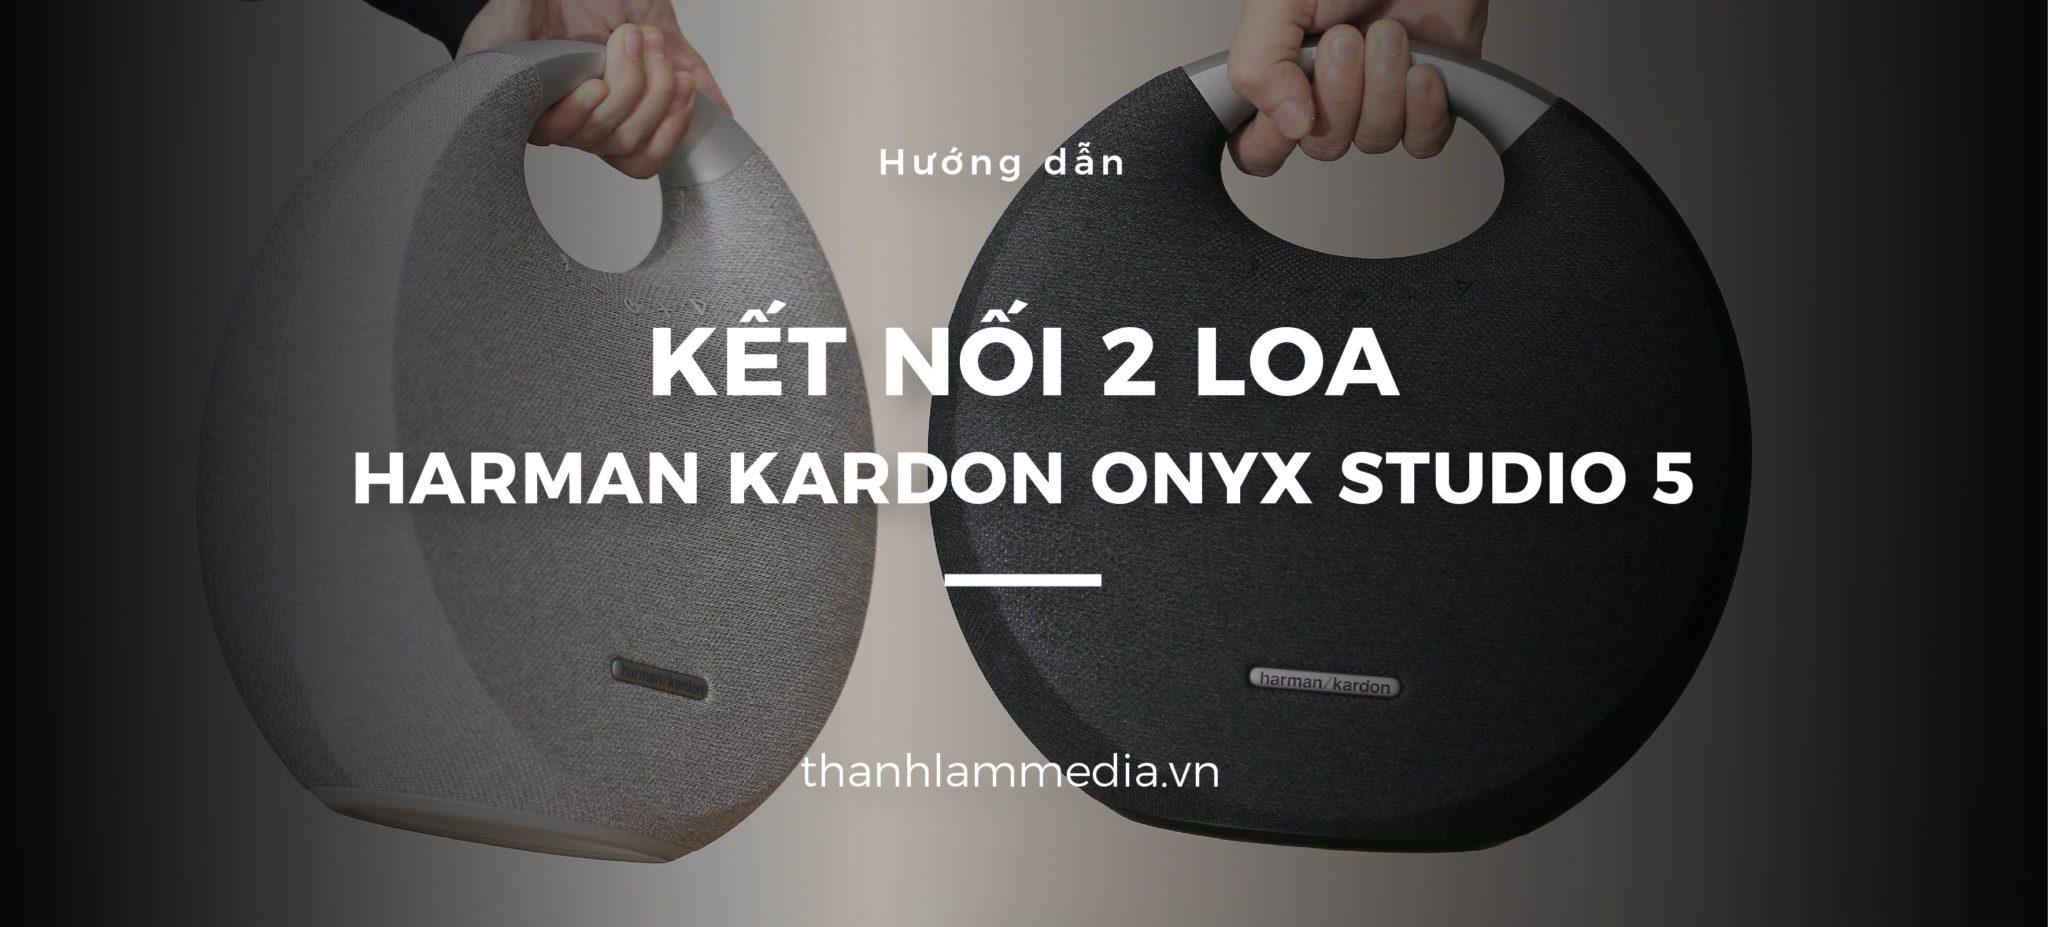 4 bước để kết nối 2 loa Harman Kardon Onyx Studio 5 1